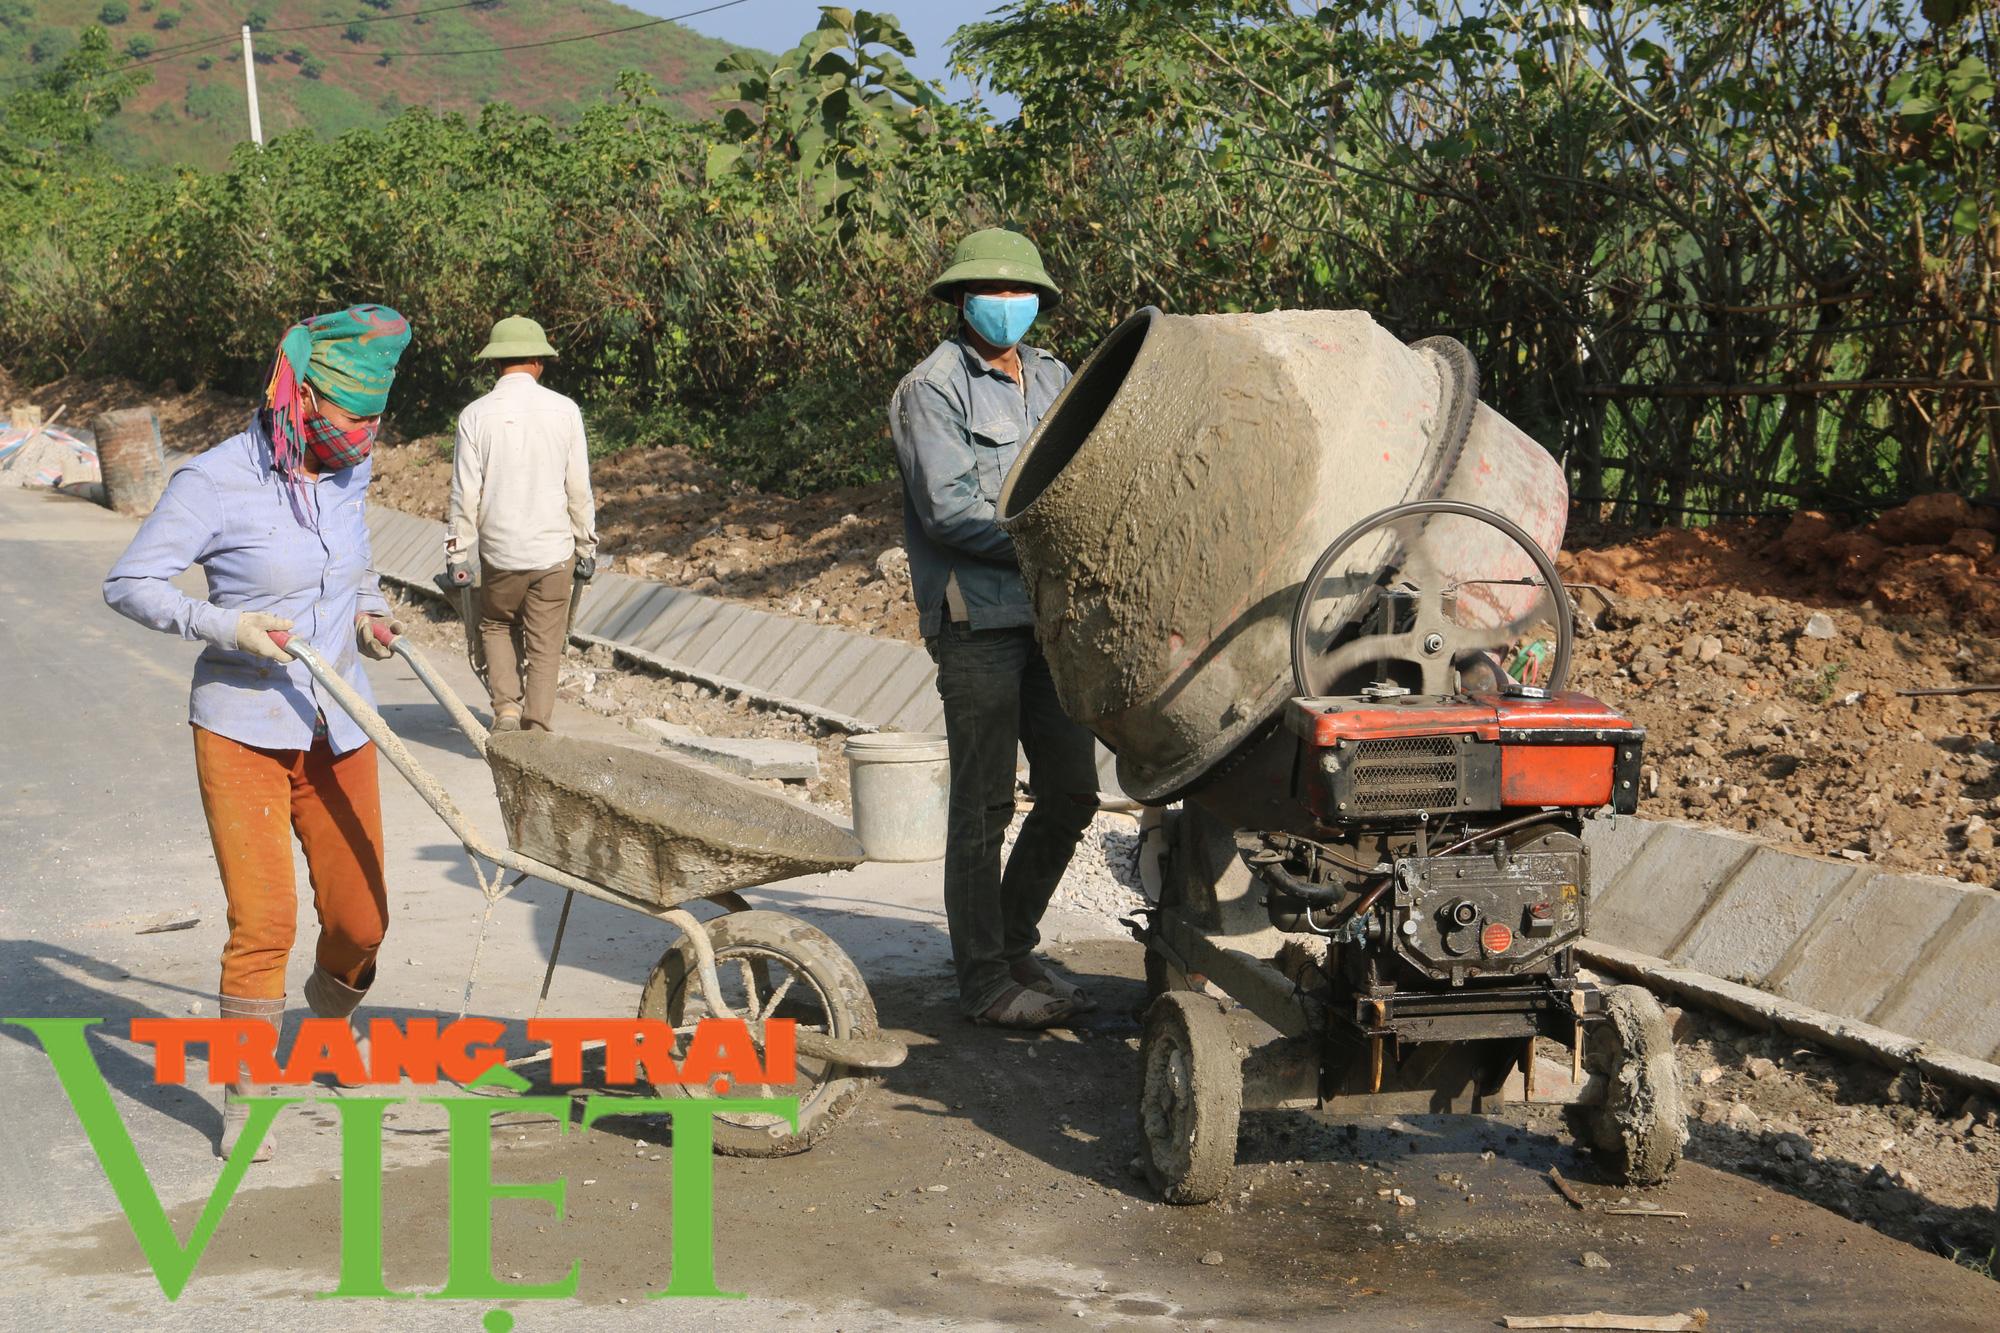 Quỳnh Nhai: Niềm vui trên những con đường nông thôn mới - Ảnh 6.